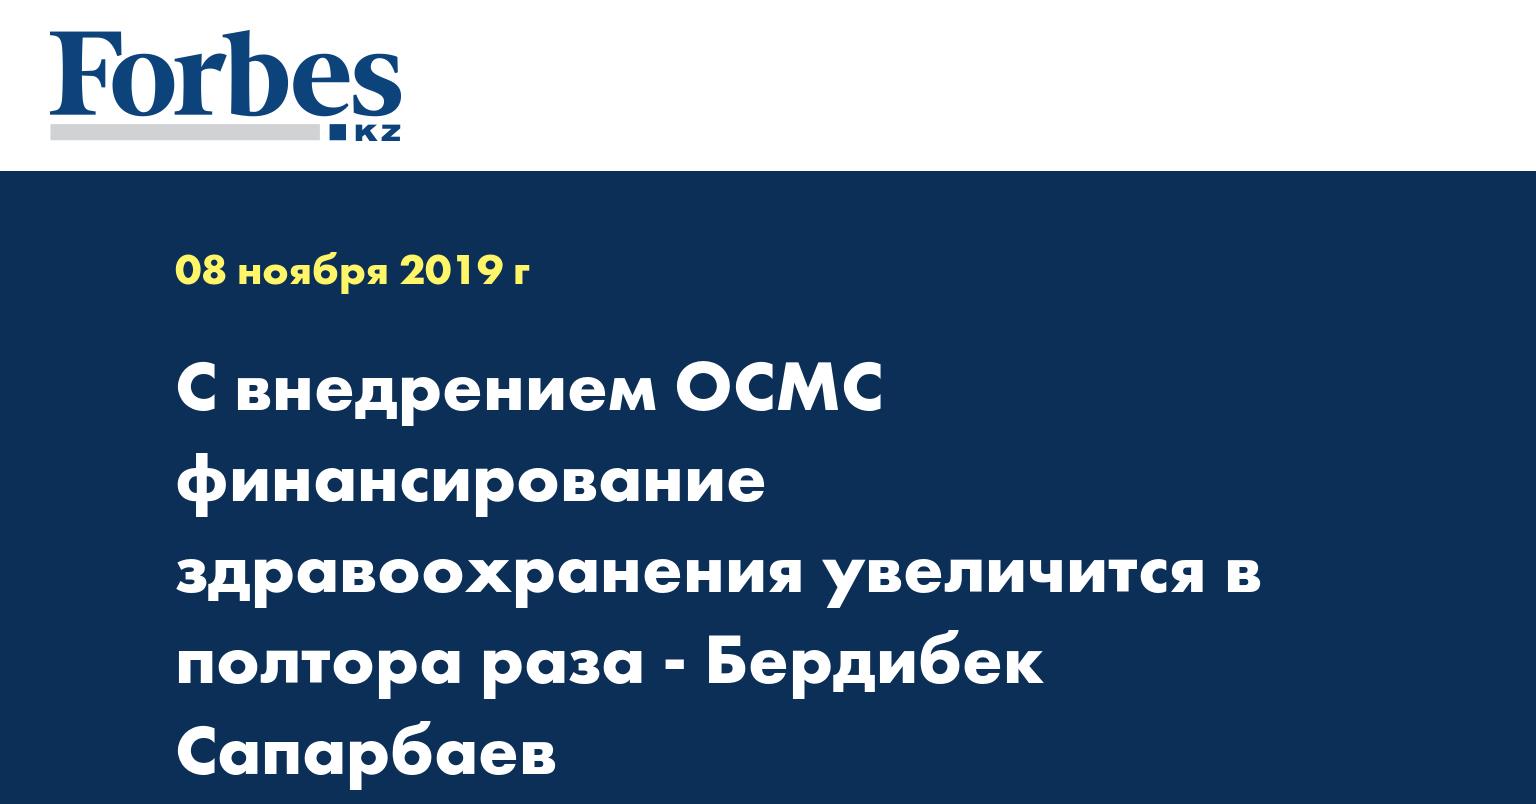 С внедрением ОСМС финансирование здравоохранения увеличится в полтора раза - Бердибек Сапарбаев